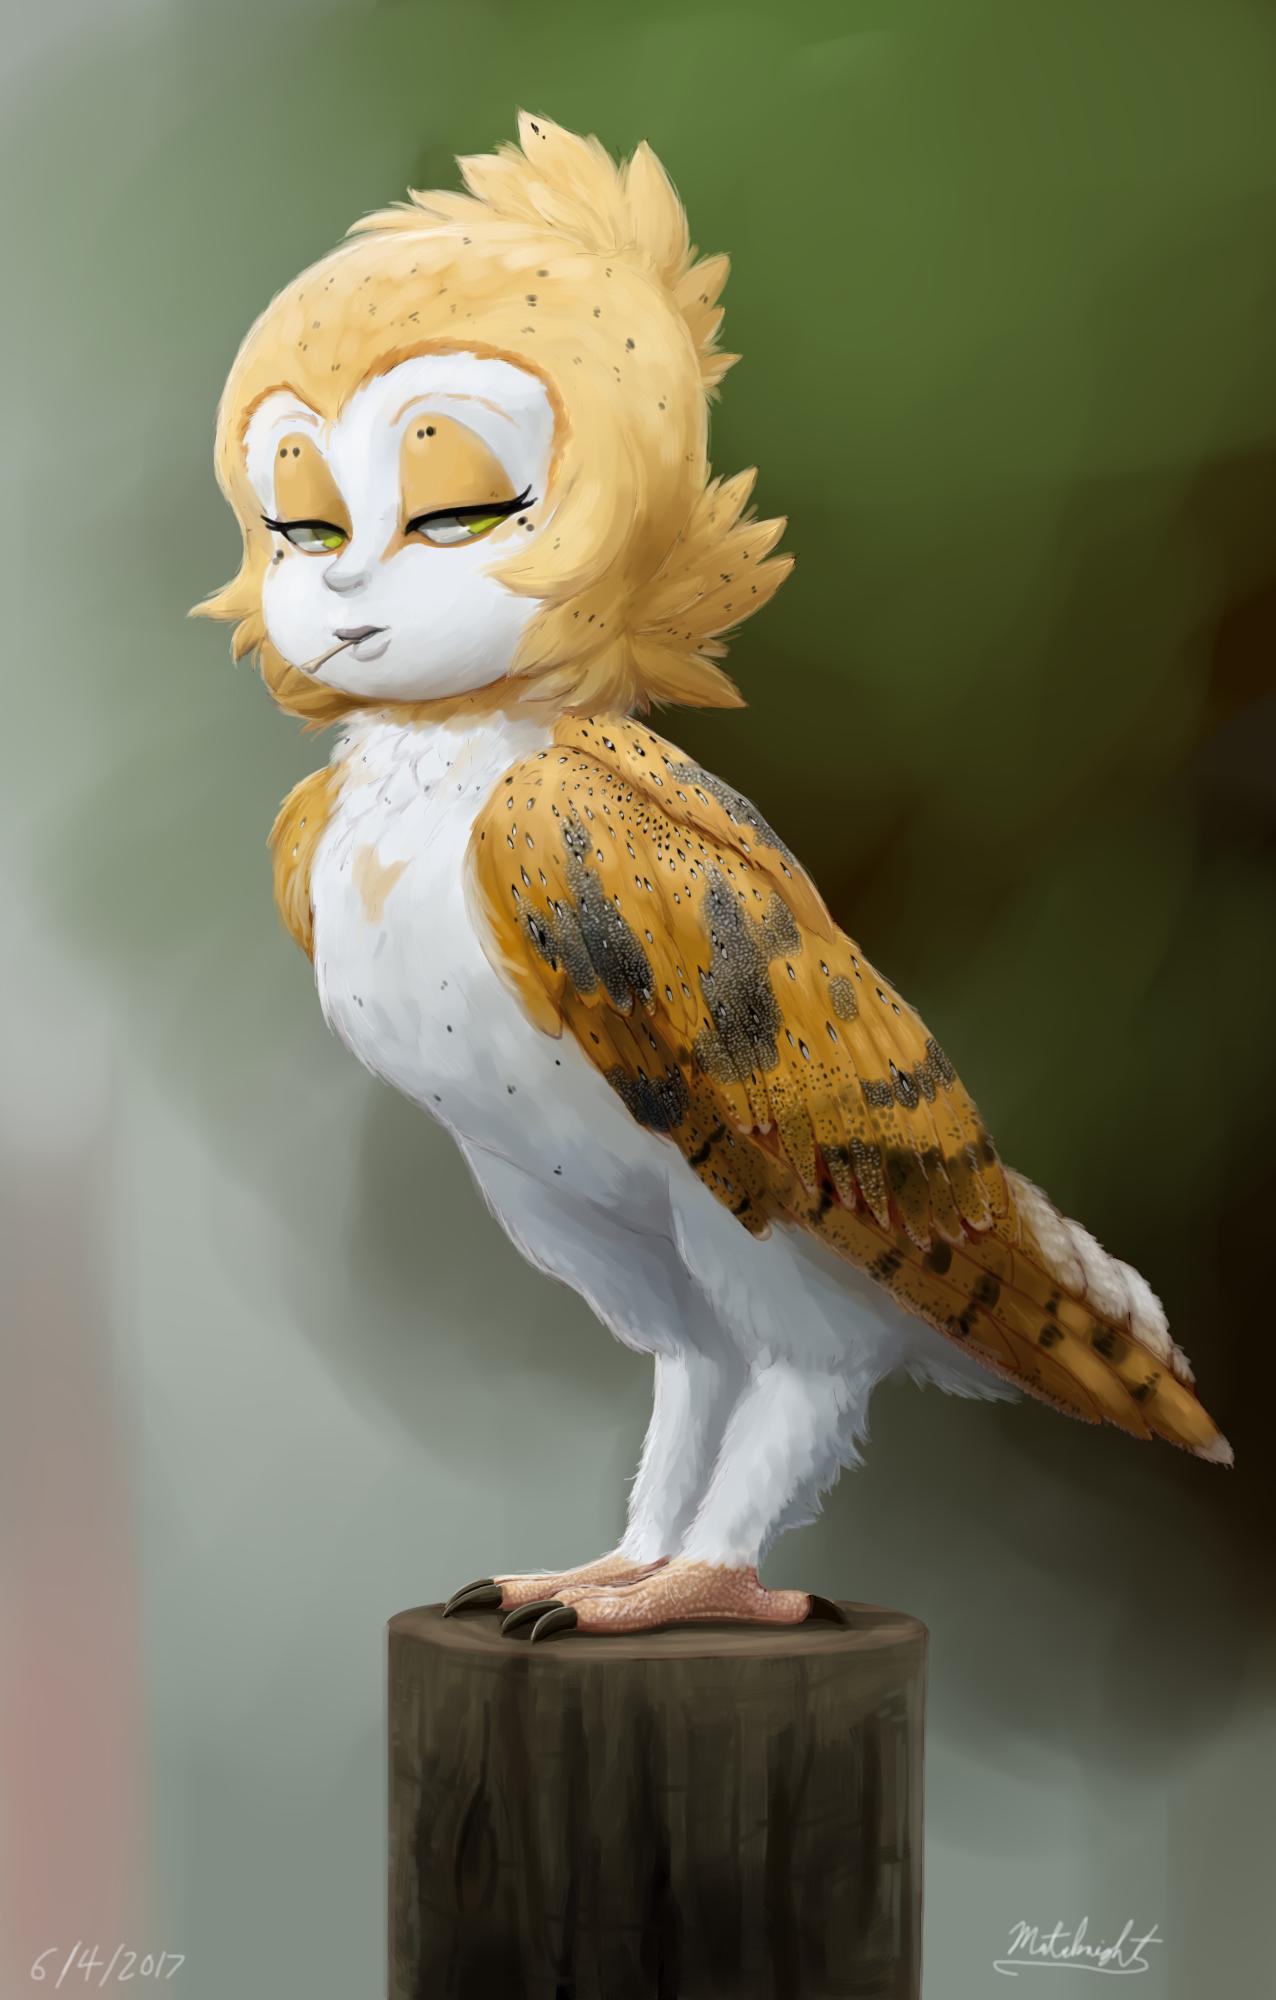 Barn Owl by Mataknight on Newgrounds